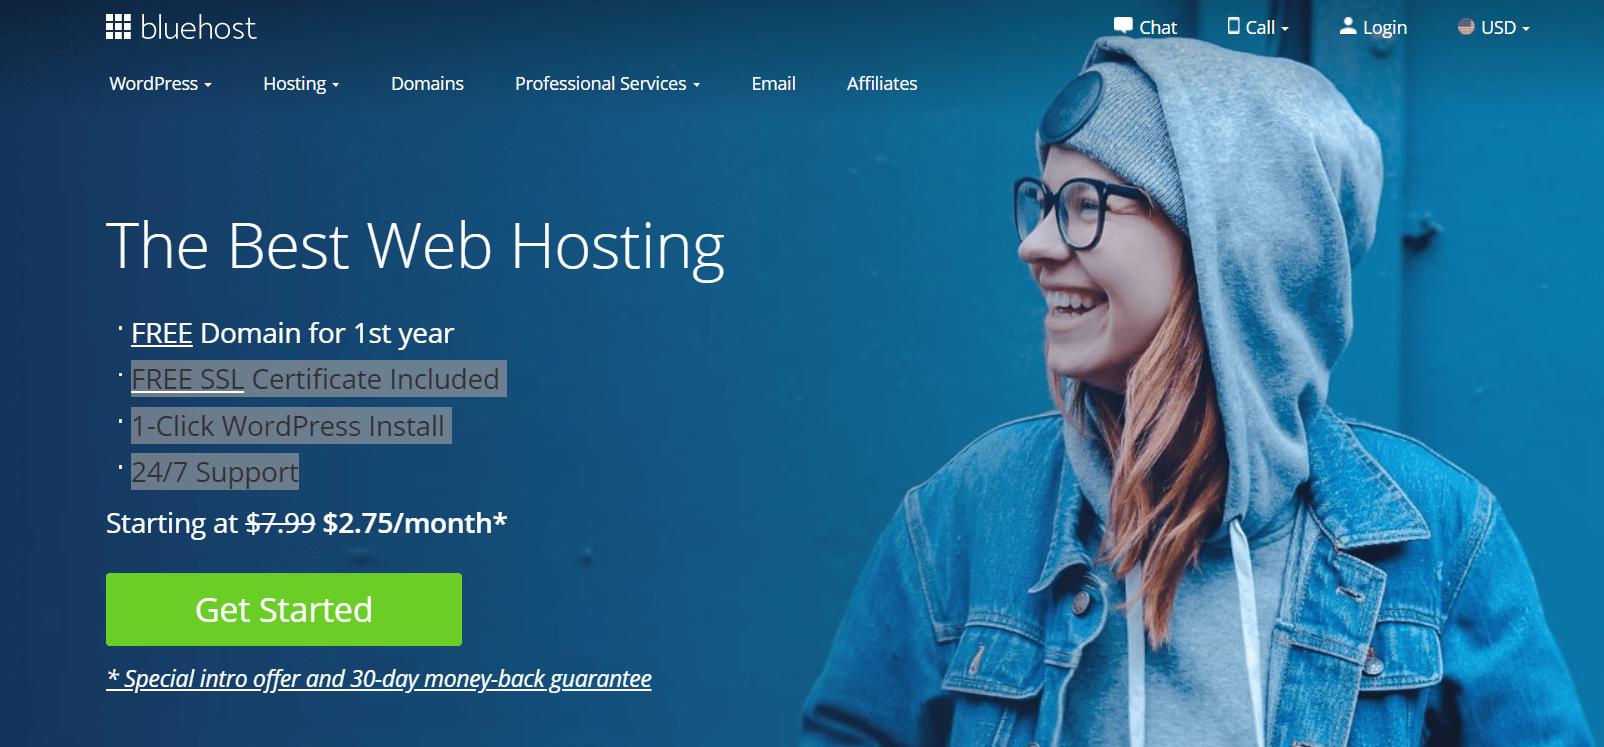 Bluehost- the best web hosting Platform